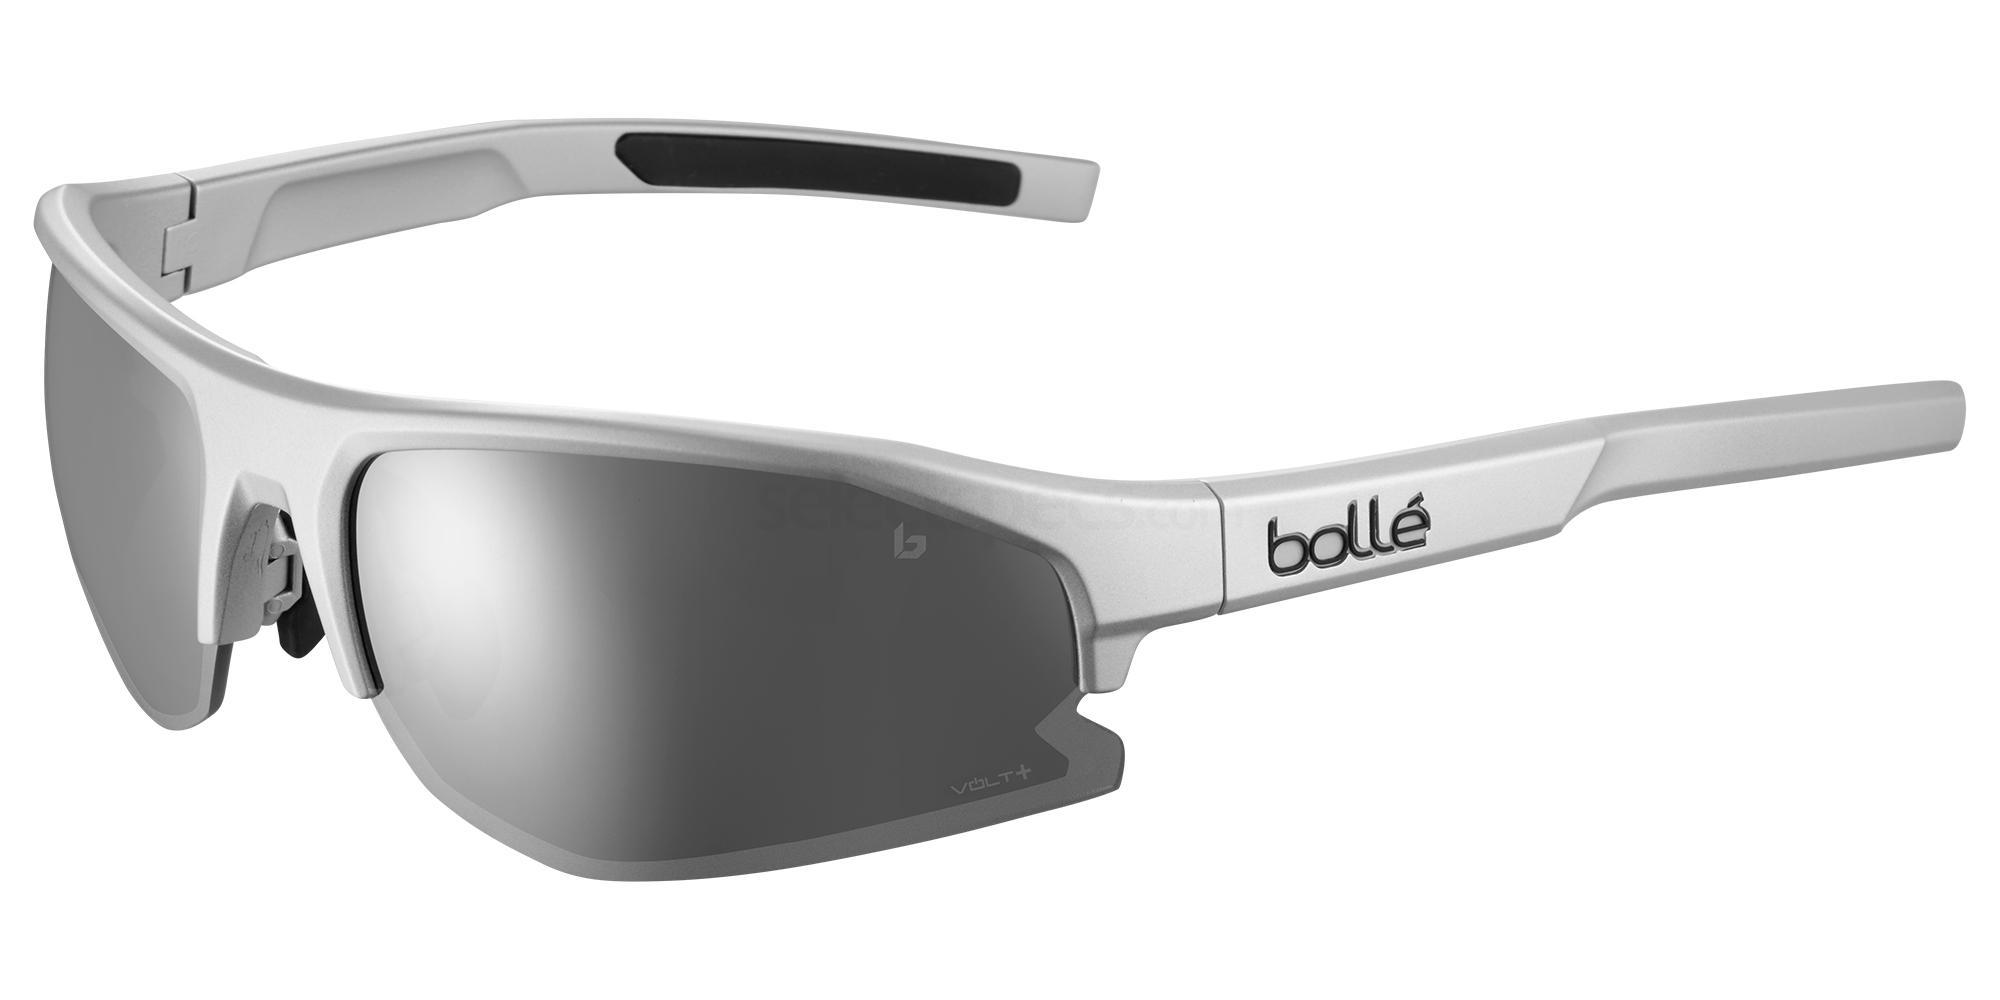 BS003002 BOLT 2.0 Polarized Sunglasses, Bolle